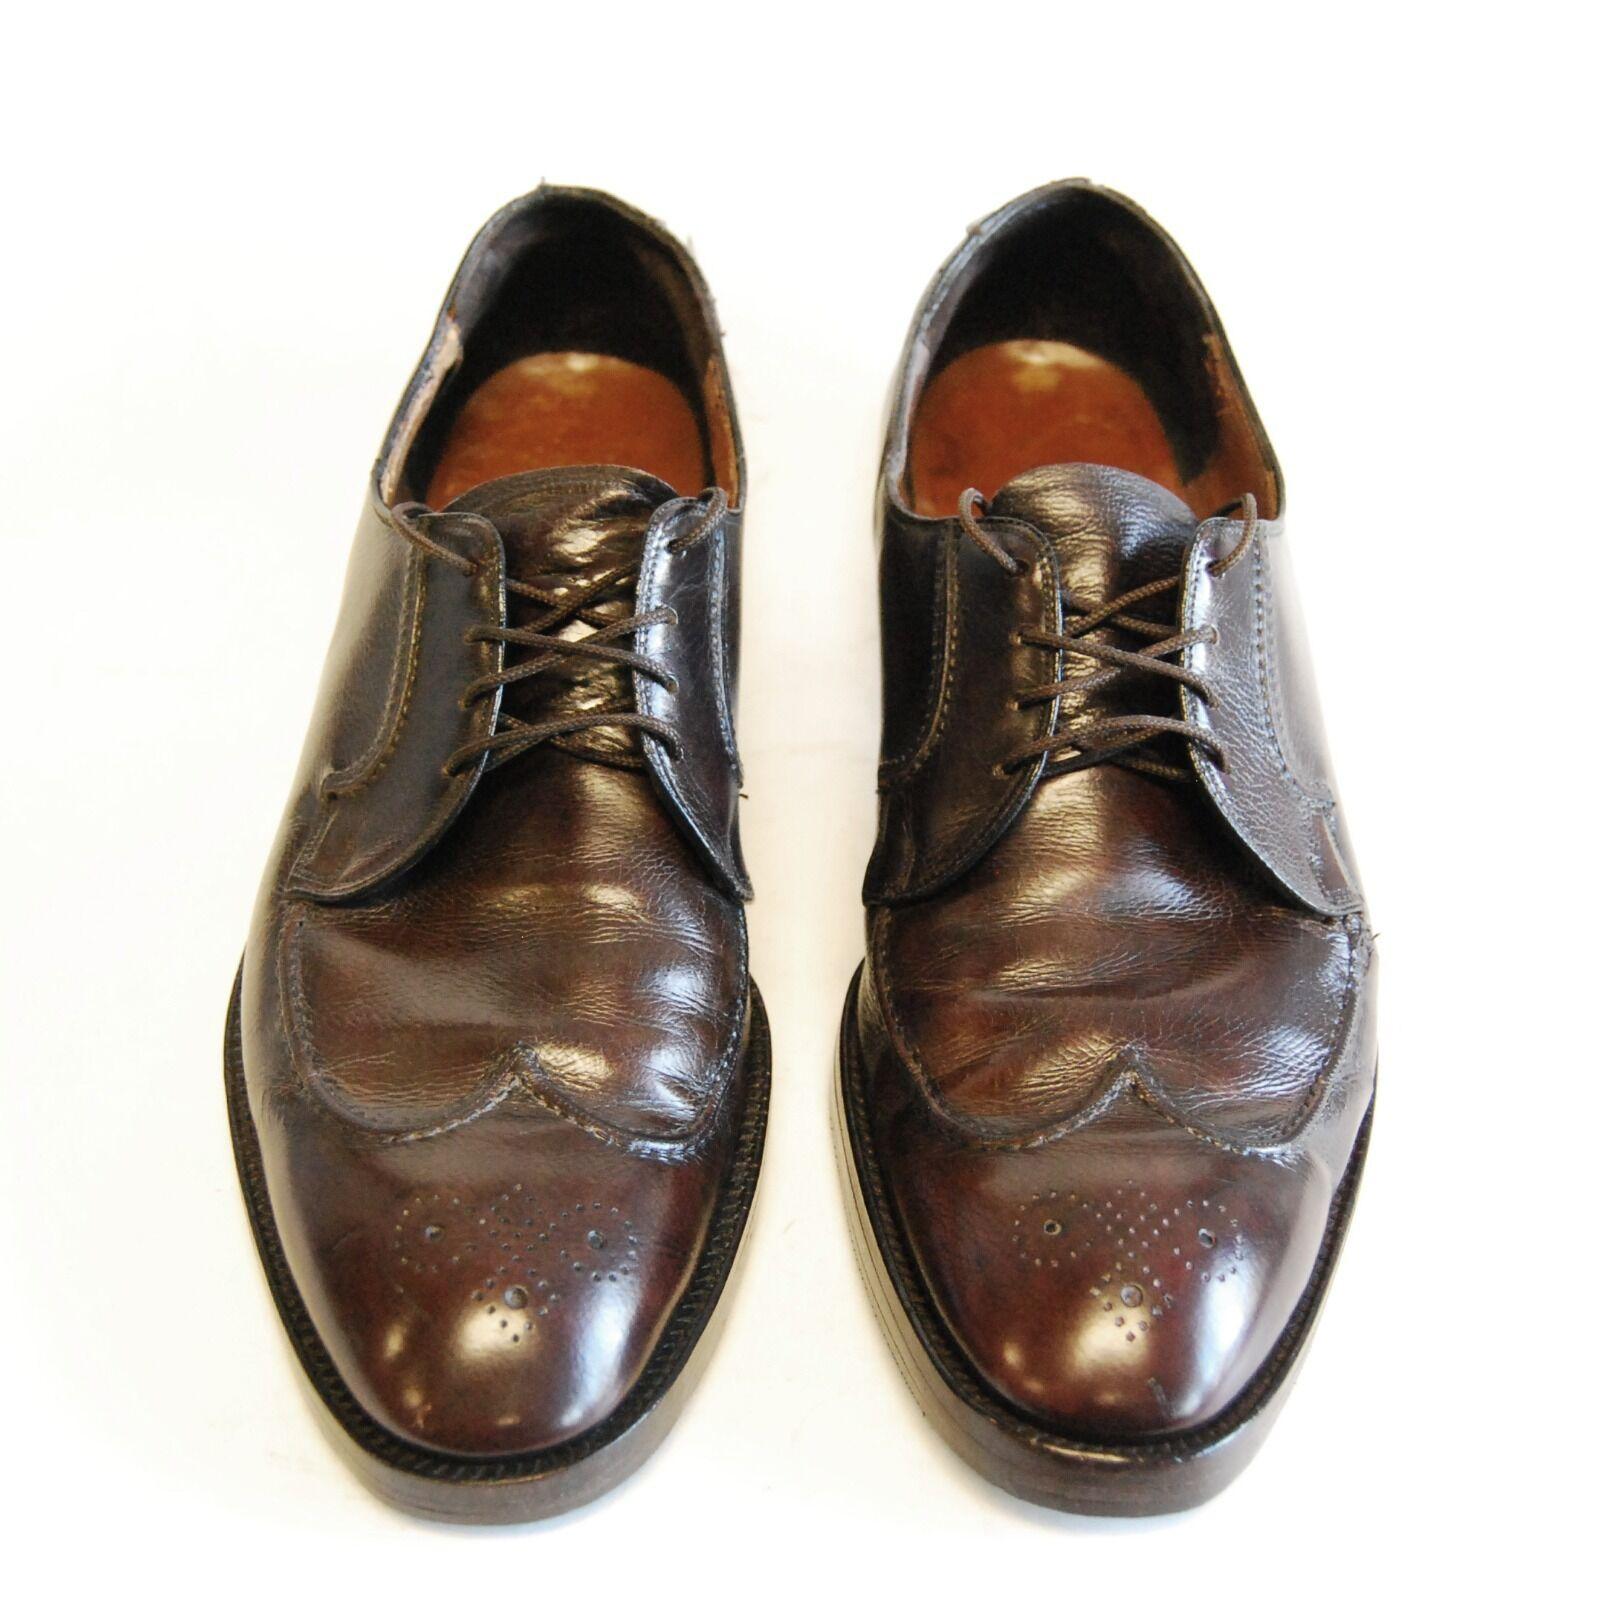 spedizione veloce in tutto il mondo NUNN BUSH Uomo Marrone Leather Dress scarpe US 10.5, EU EU EU 44.5    EXCELLENT COND  designer online